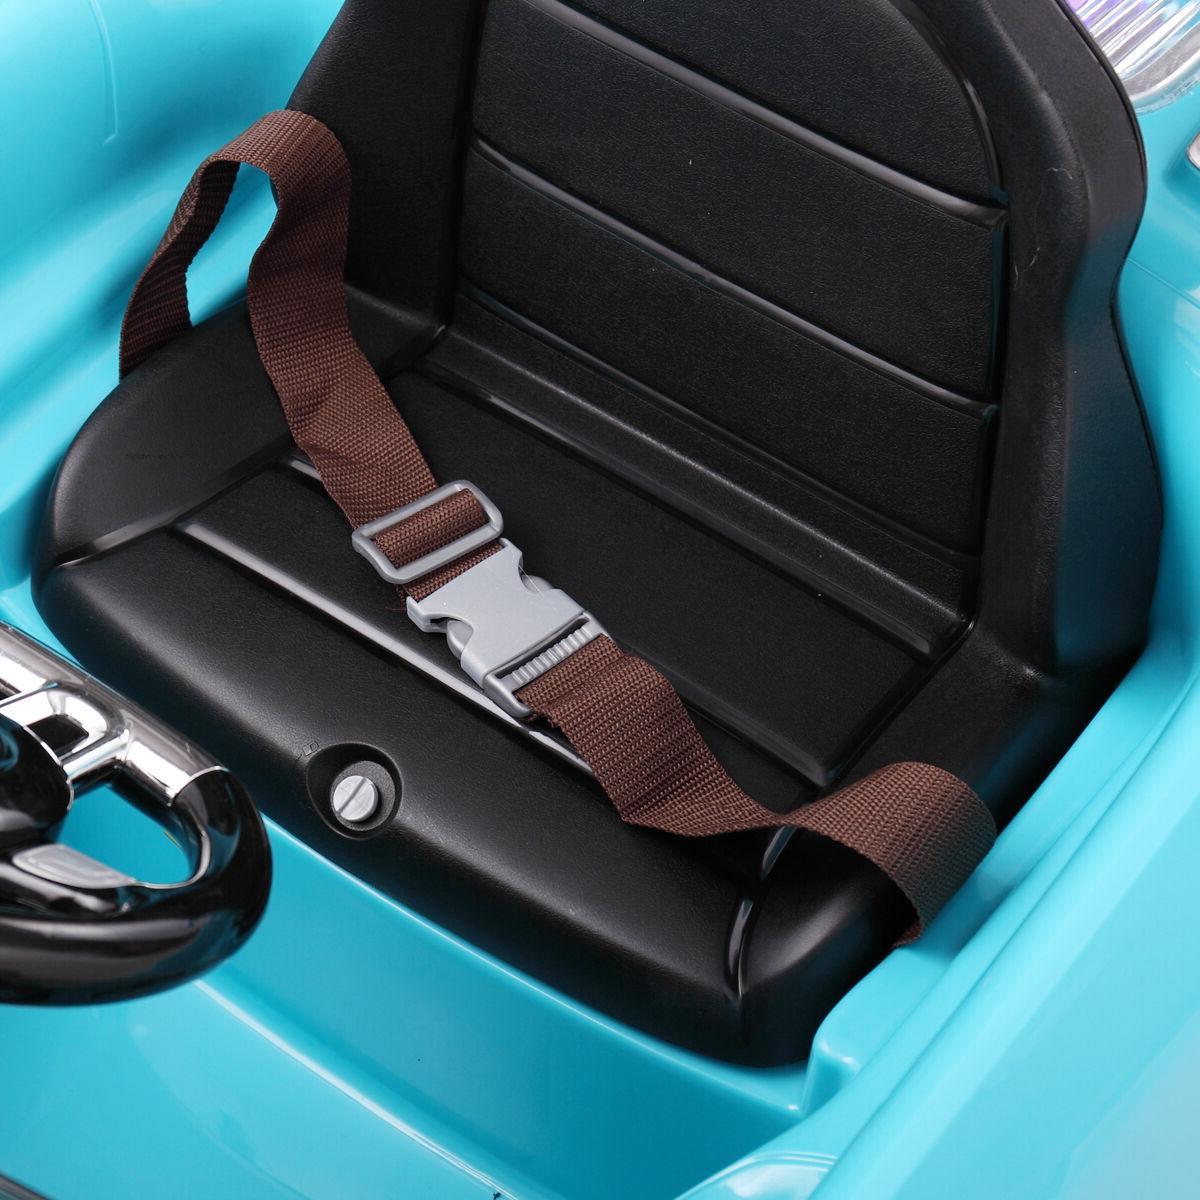 12V on Car Kids Control Electric Wheels W/MP3 Blue